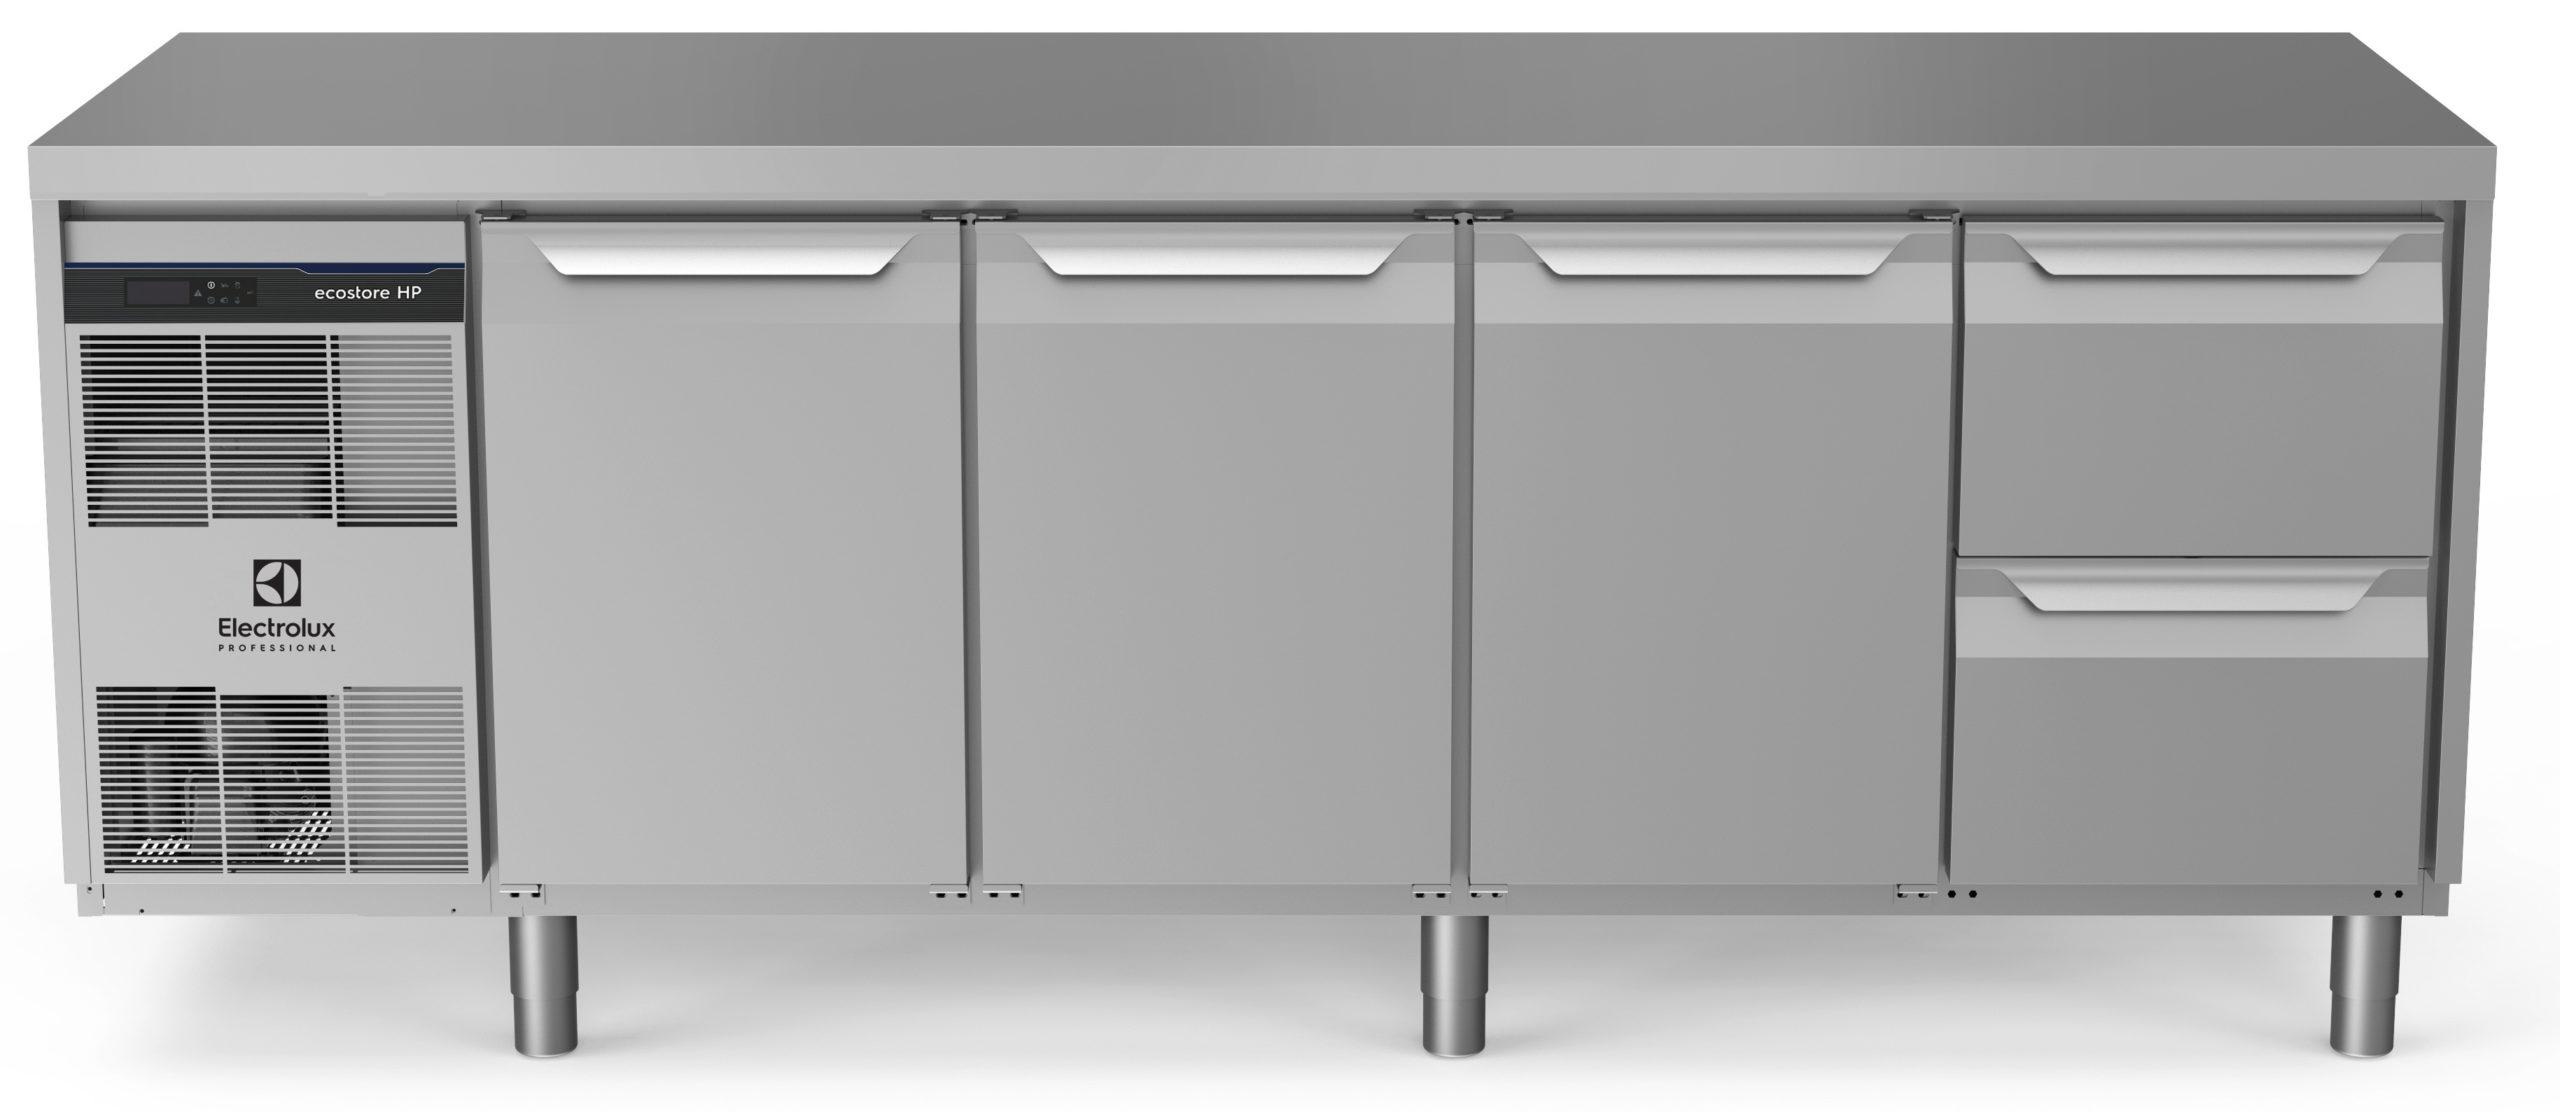 Electrolux ecostore HP Premium kølediske – 4 fag med topplade